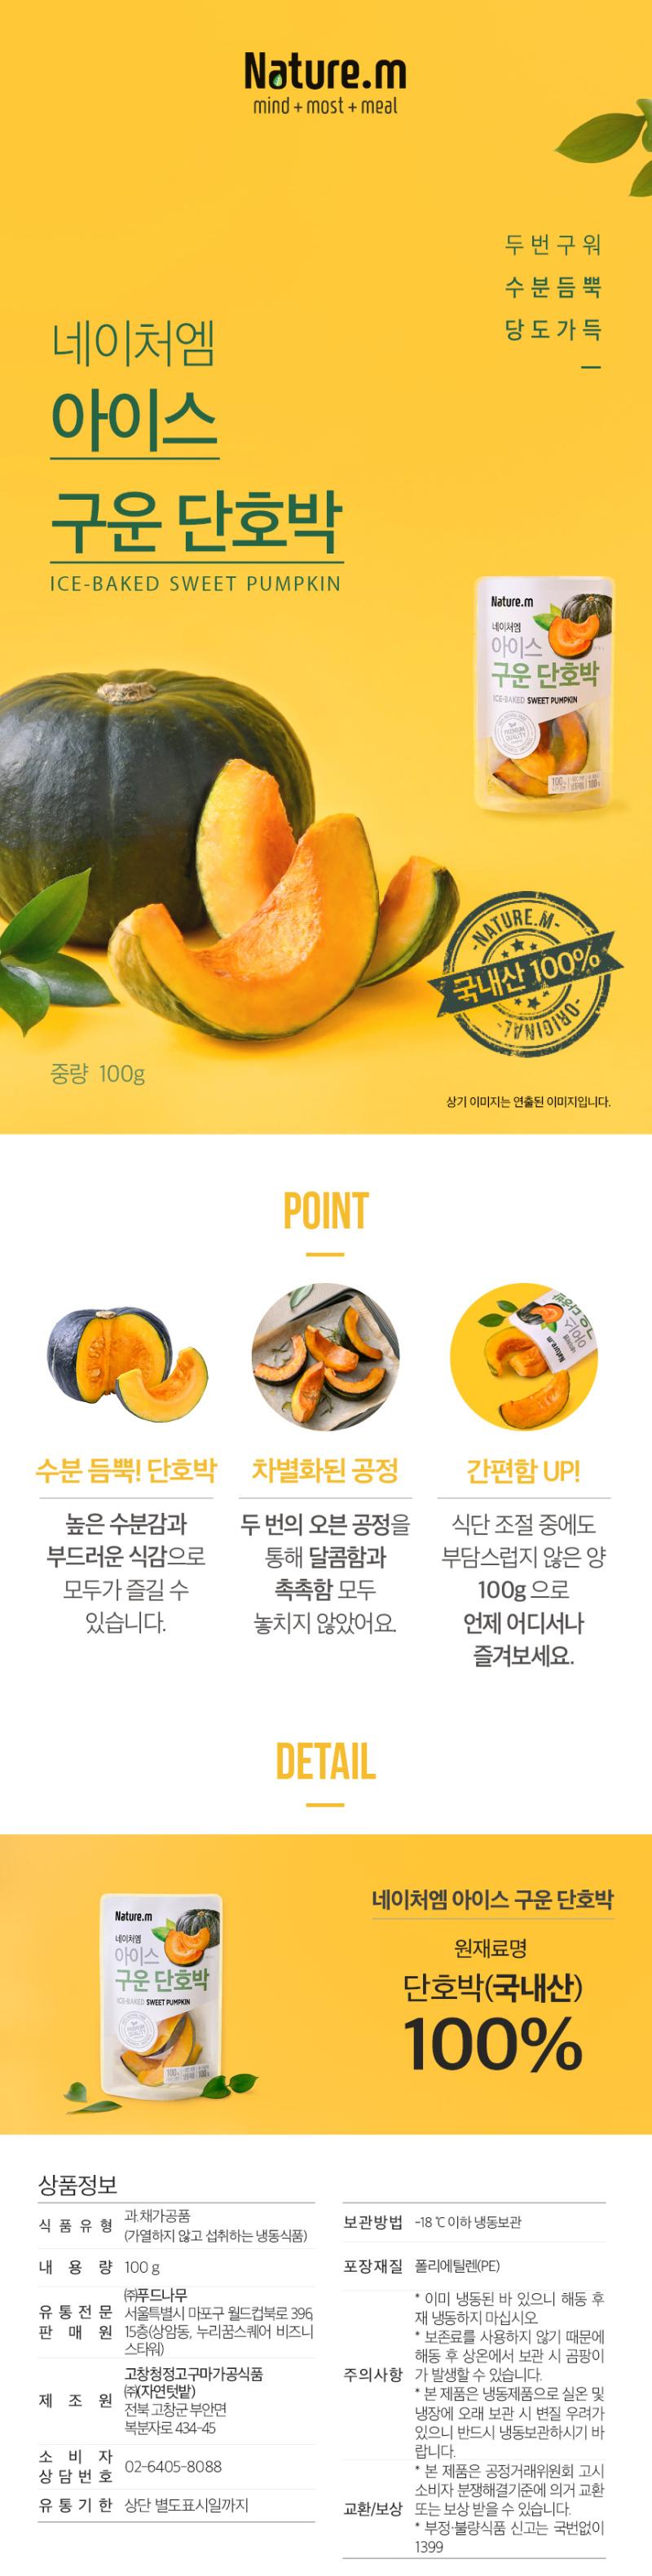 네이처엠 아이스 구운 단호박